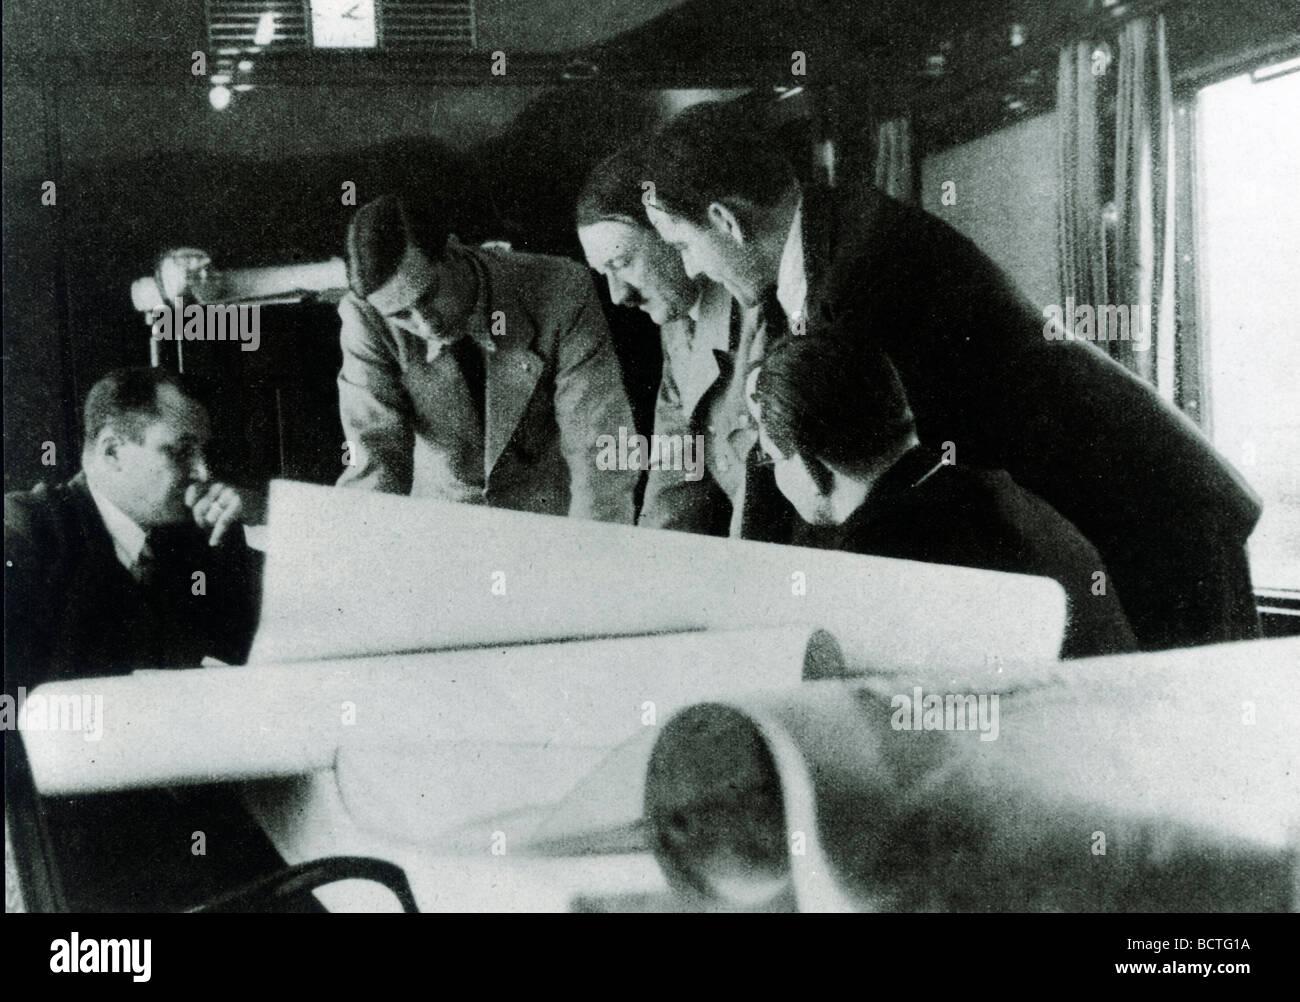 Reichsleiter Bouhler, Prof. Speer, Adolf Hitler, Dr. Brand, Reichsleiter Bormann during a meeting in the special - Stock Image